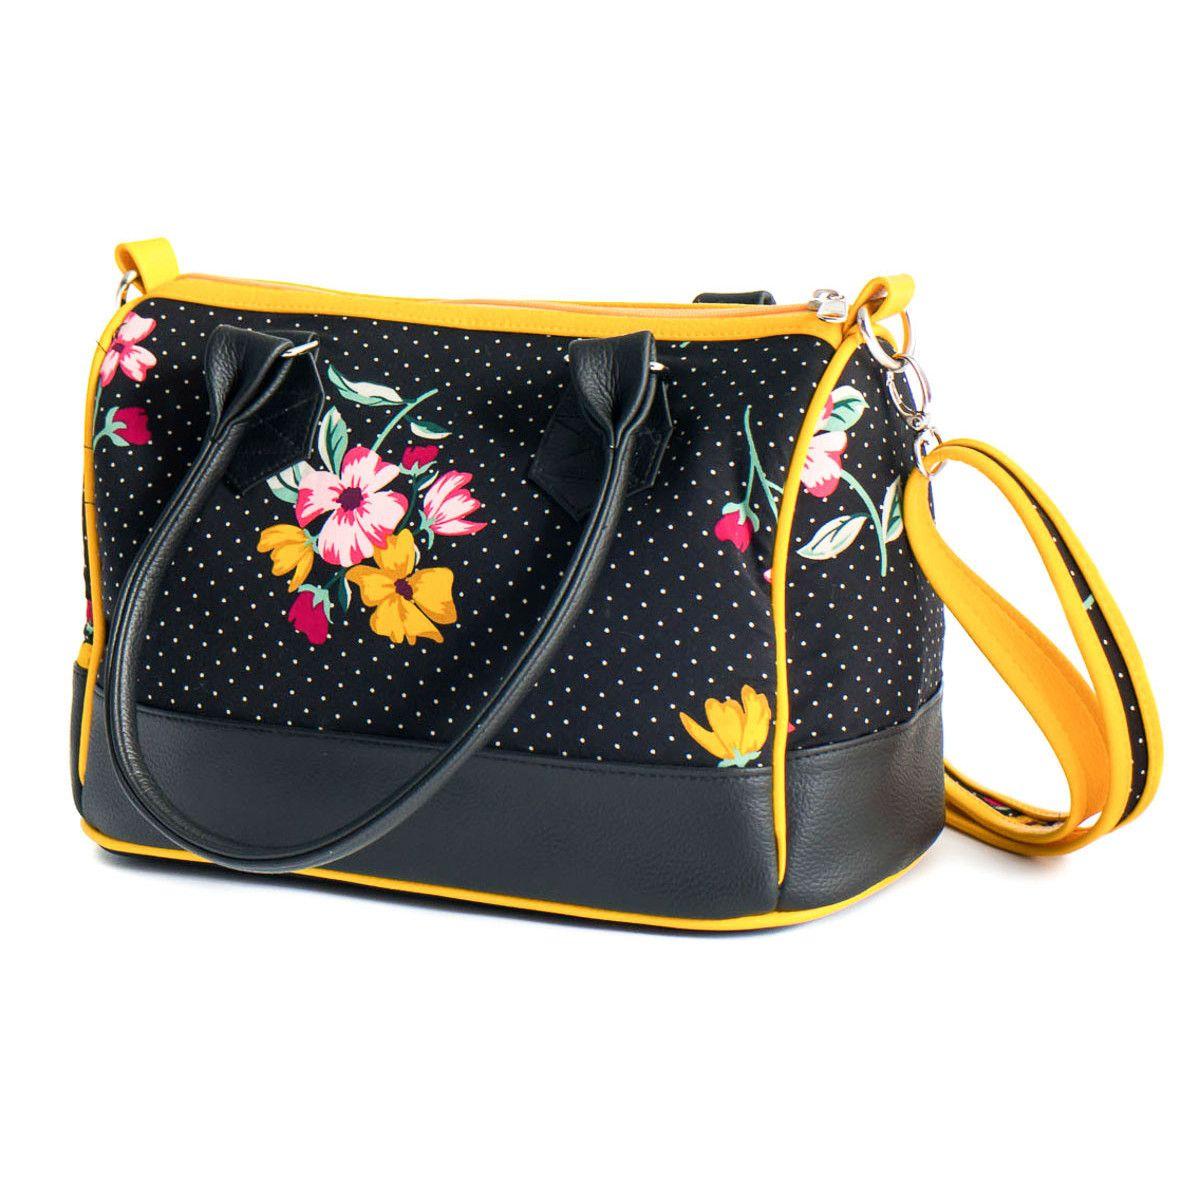 Sac à main femme bowling noir et jaune à fleurs